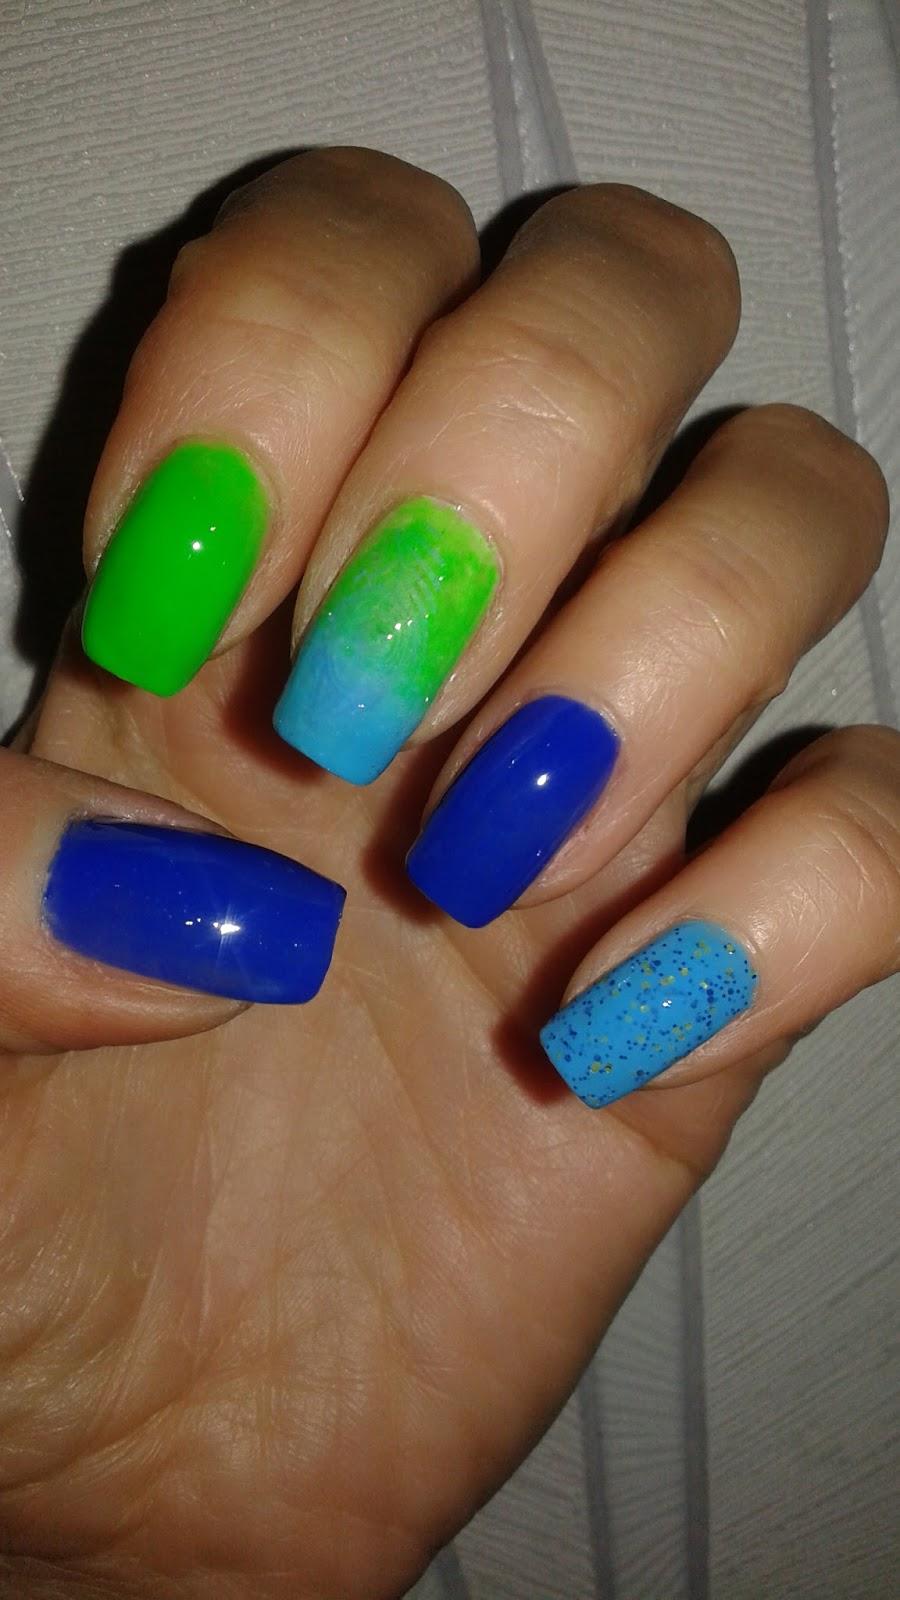 006841f04c30a0 Wykorzystałam następujące lakiery: neonowy zielony AB Lines nr 61, niebieski  Wibo Summer nr 10, niebieski z brokatem UP Girls nr 125 i ciemny niebieski  Bell ...